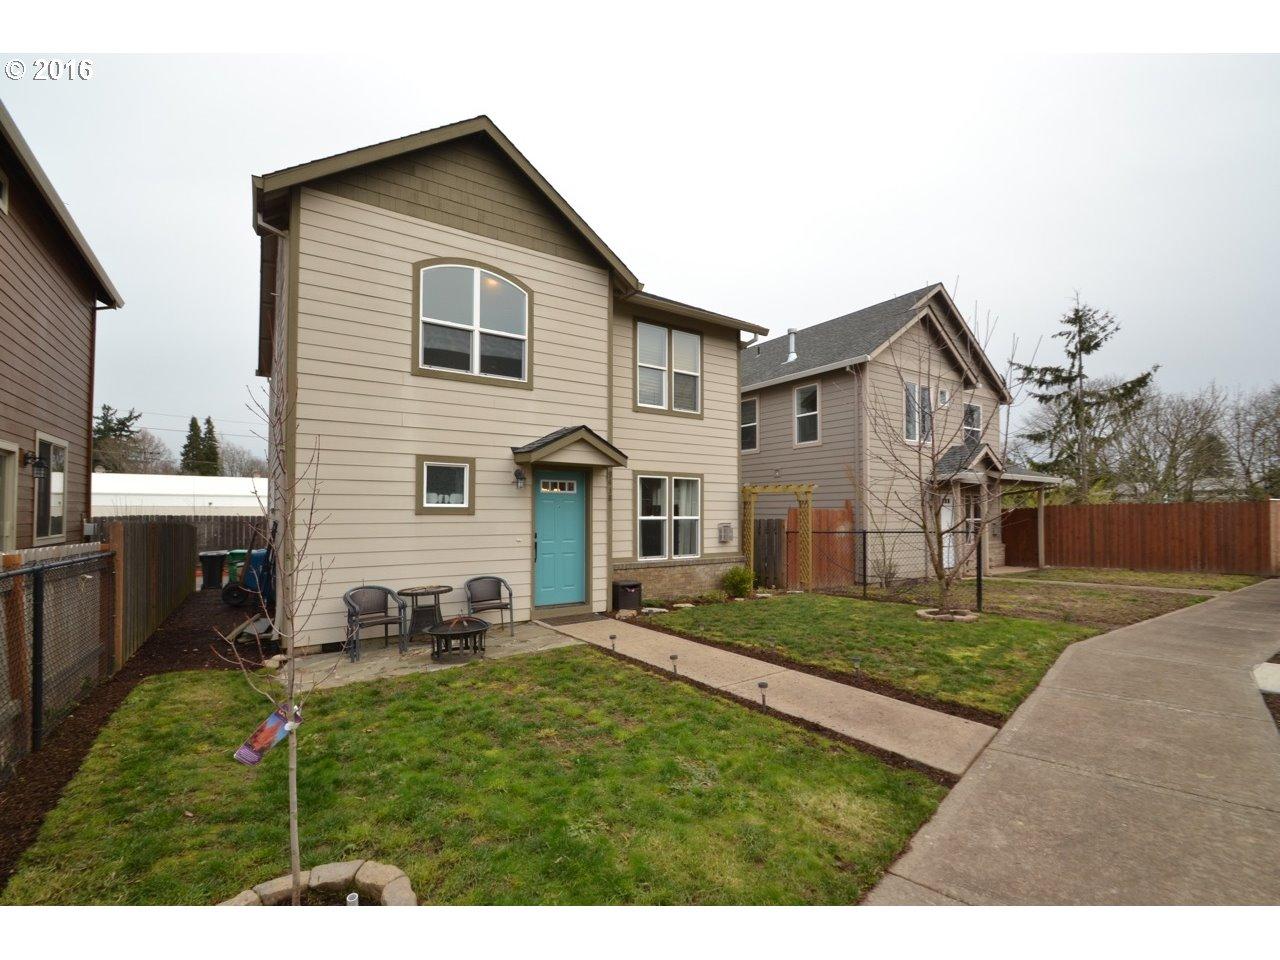 9438 N Macrum Ave, Portland, OR